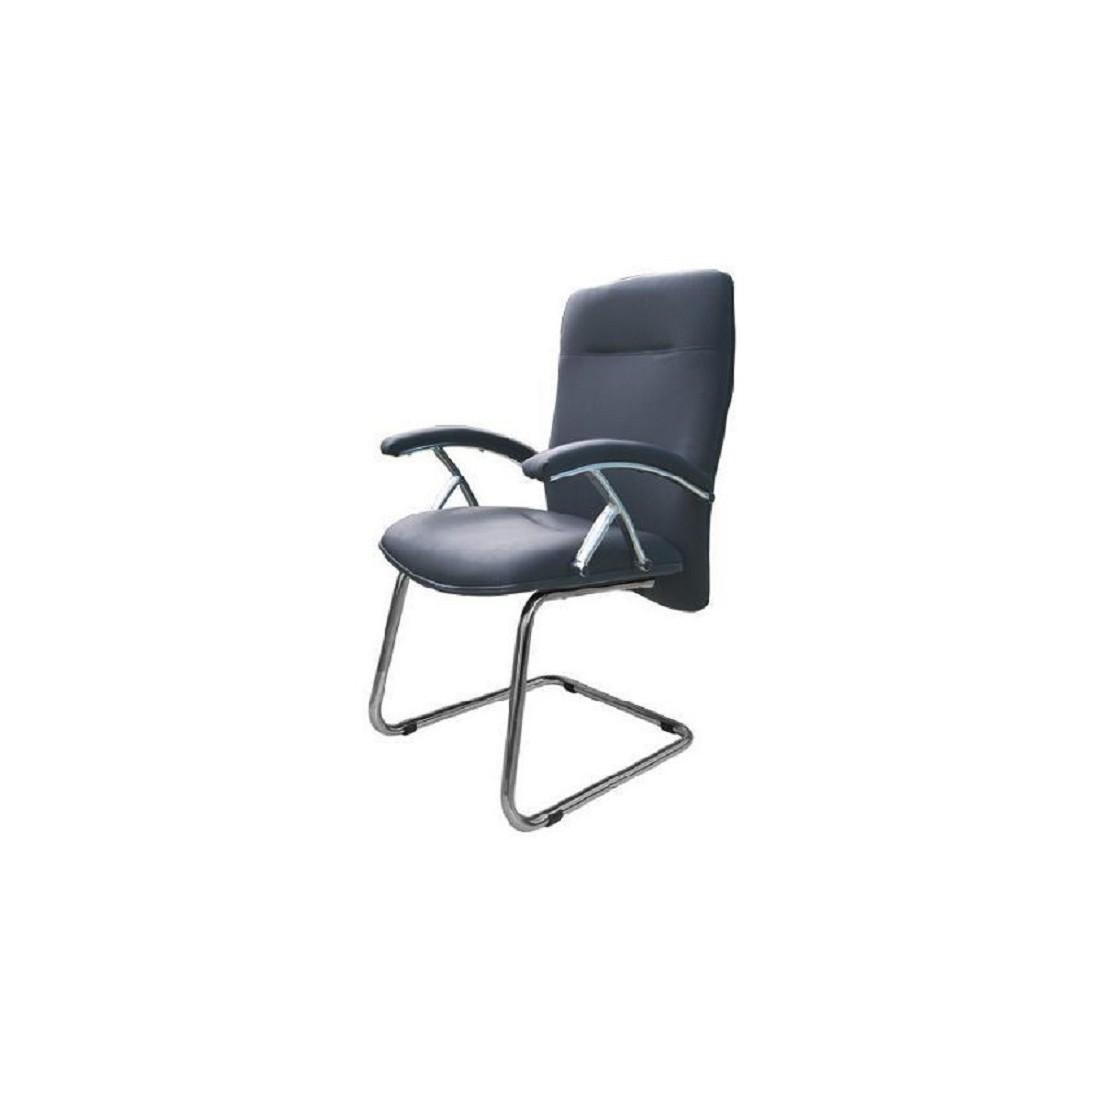 Ghế họp chân quỳ SL360M-Thế giới đồ gia dụng HMD